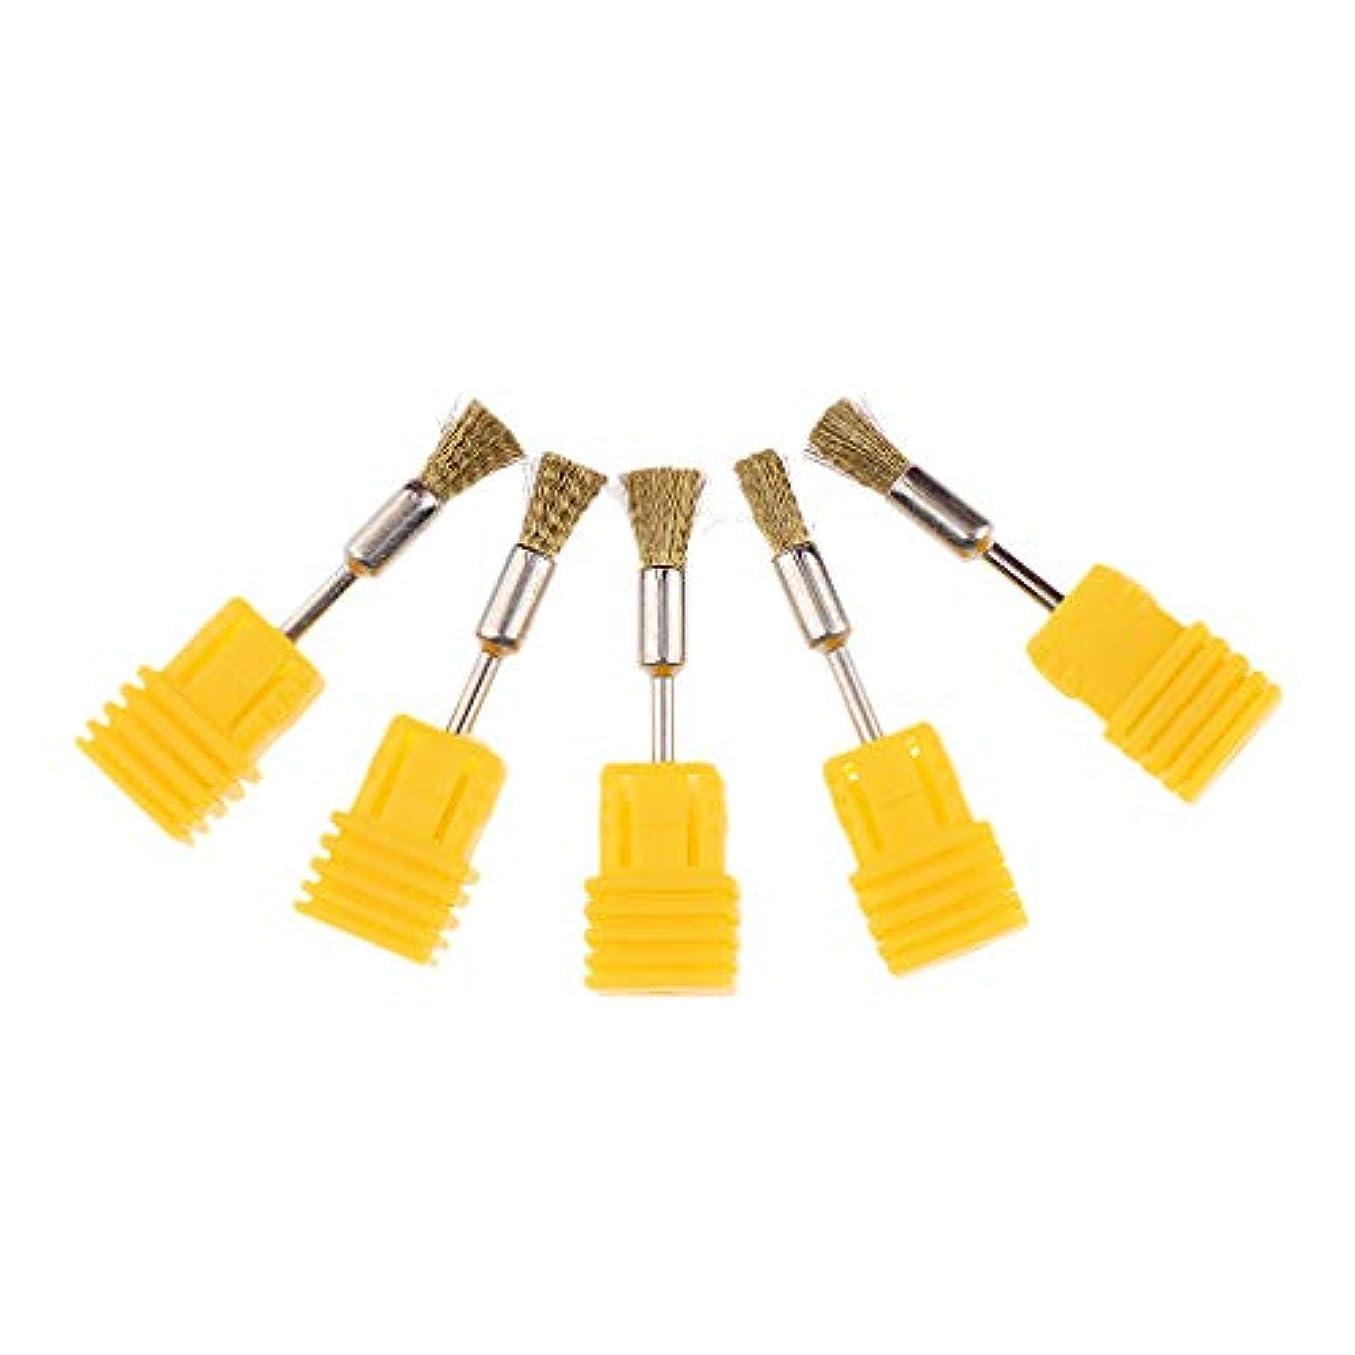 ラグラジエーター利得5パックネイルドリルビットクリーニングブラシセットマニキュアファイル電気ビットダストクリーナーブラシ、黄色